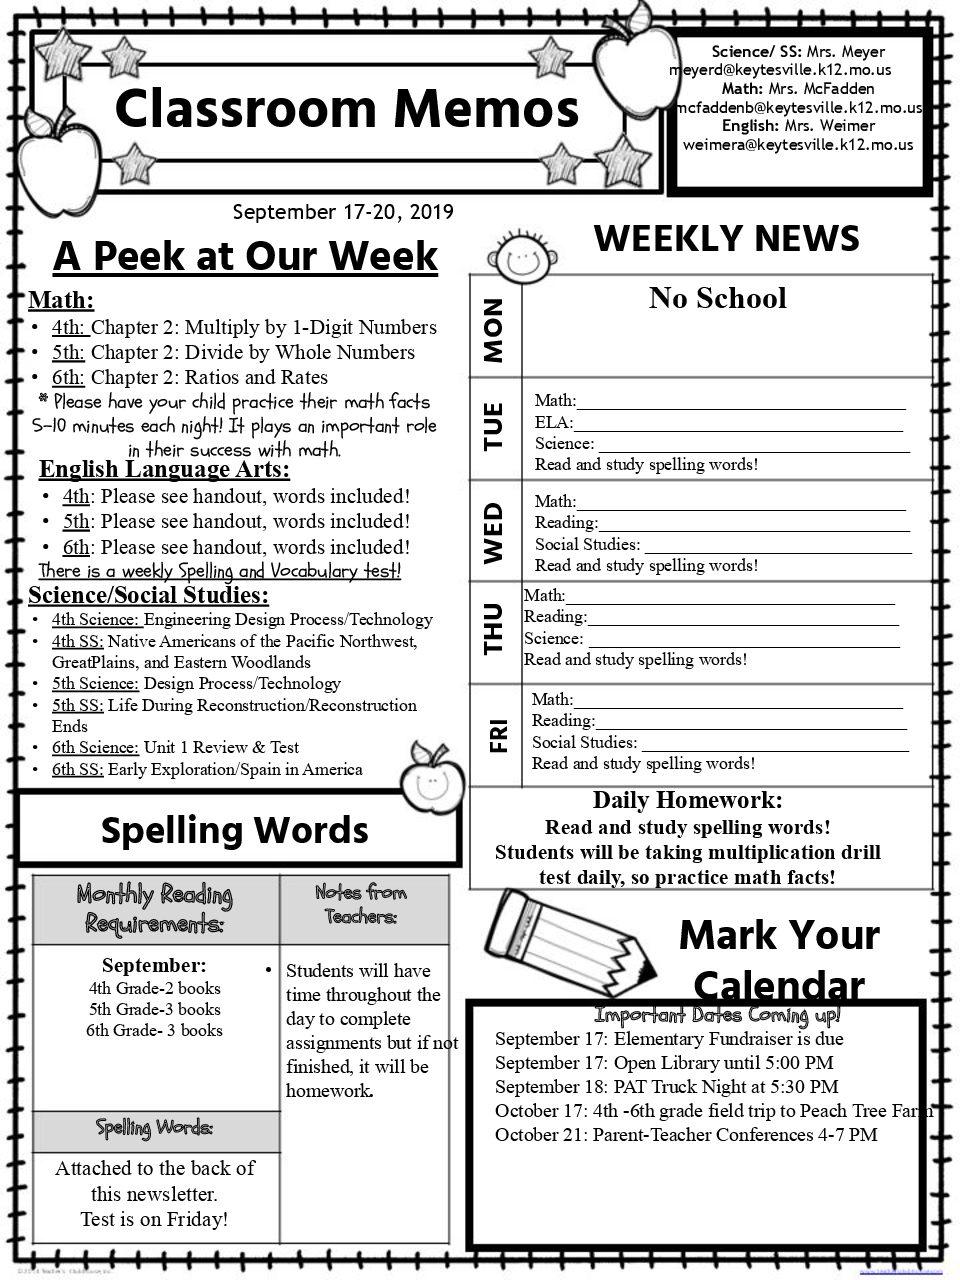 4th-6th Grade Newsletter September 17-20